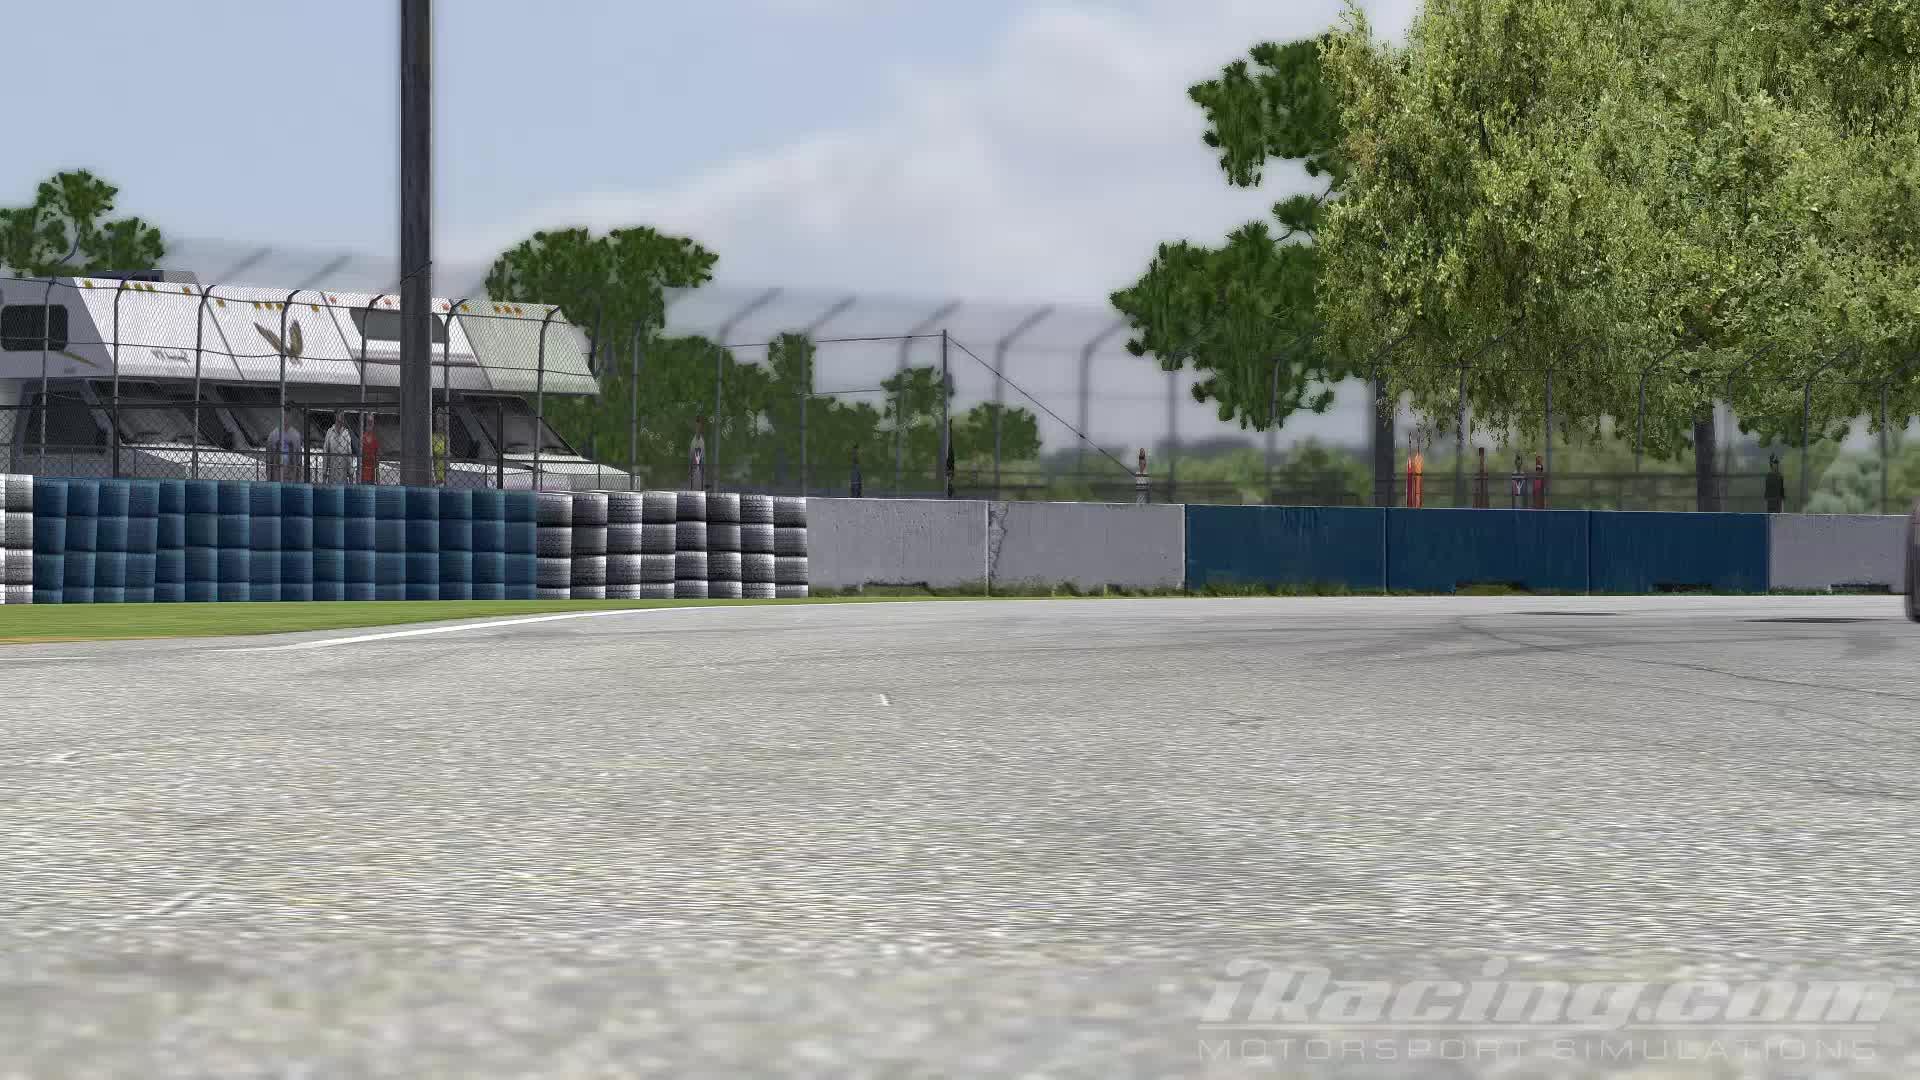 Porsche Battle Final 1 GIFs